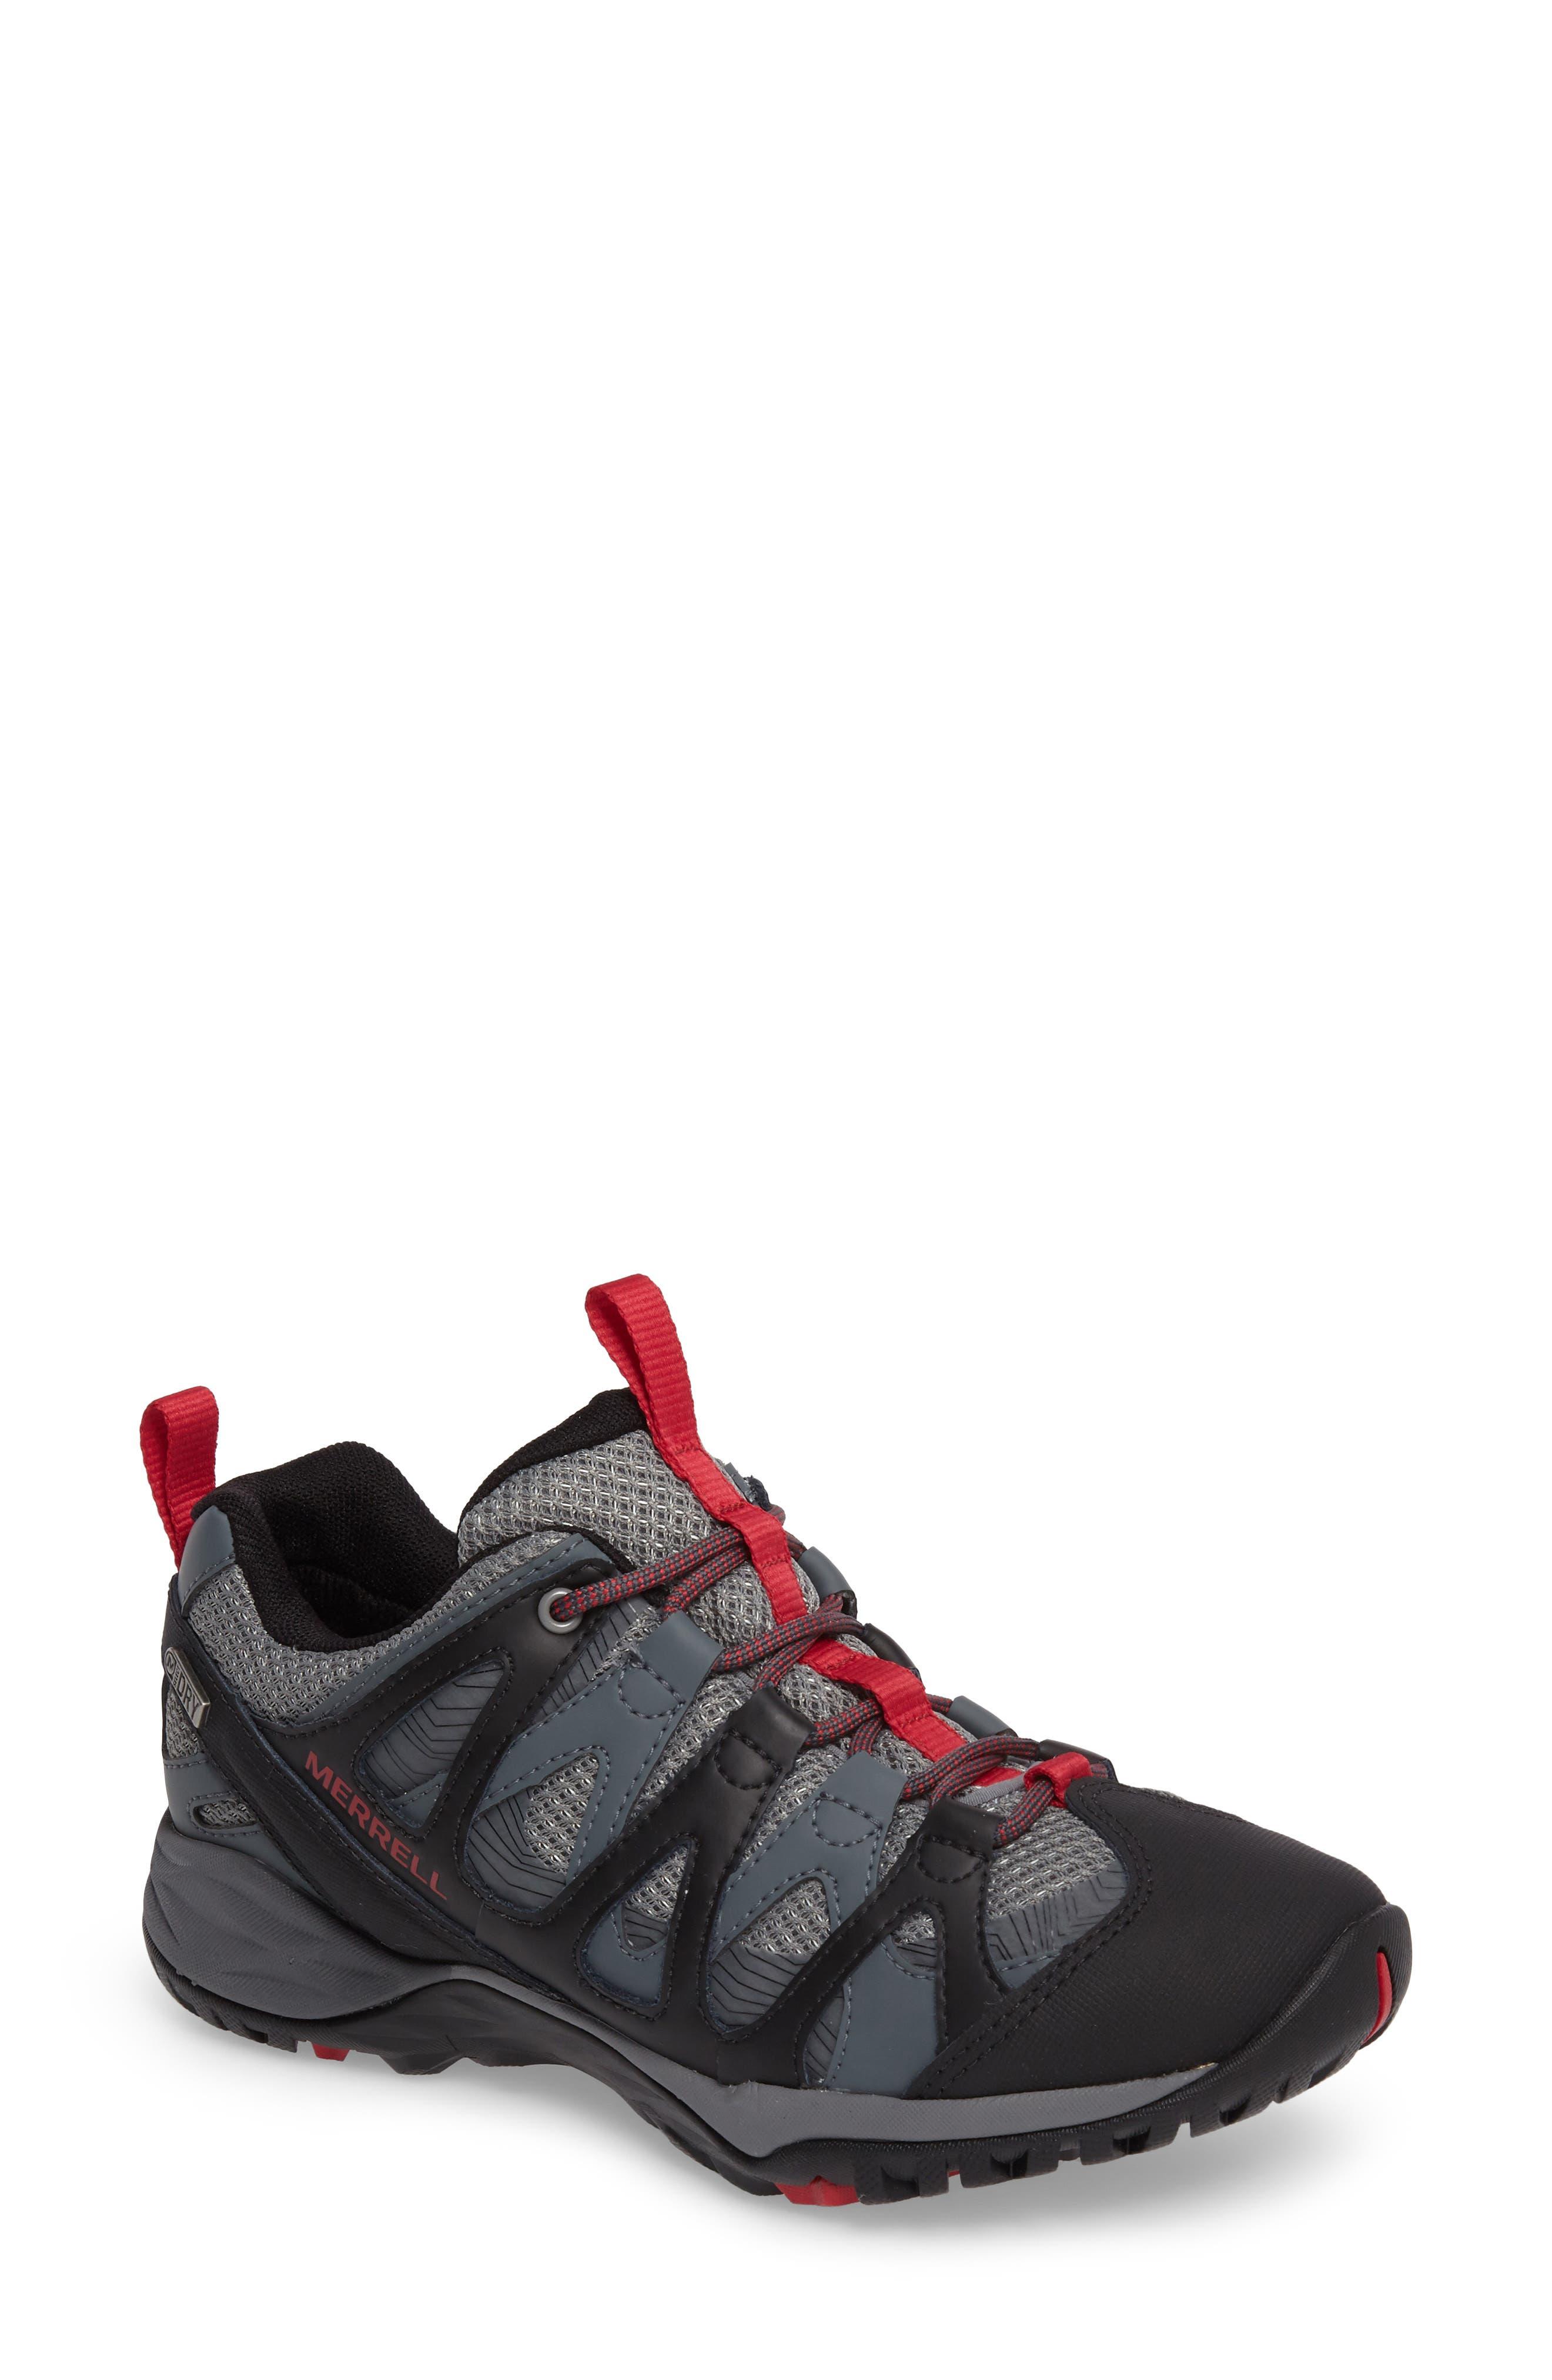 Alternate Image 1 Selected - Merrell Siren Hex Waterproof Sneaker (Women)